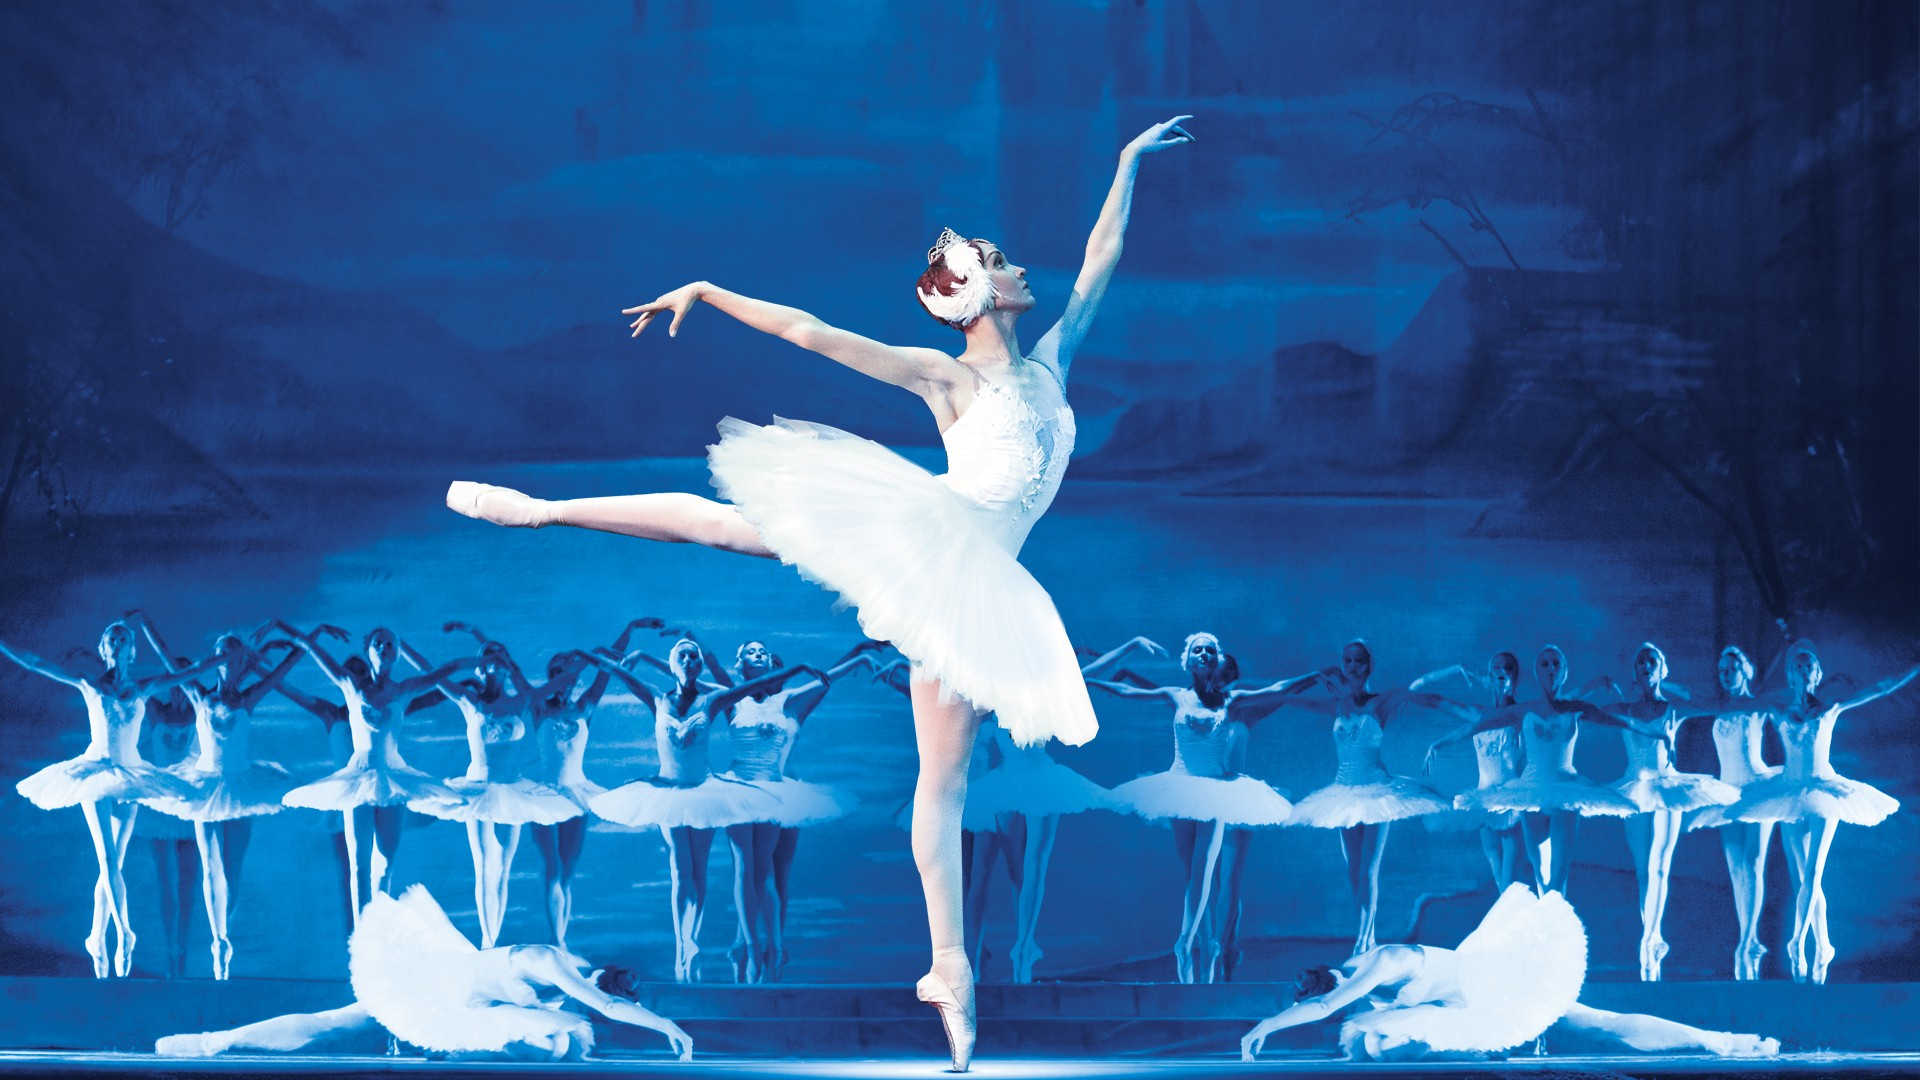 воплощении идеи балет лебединое озеро в картинках близких друзей